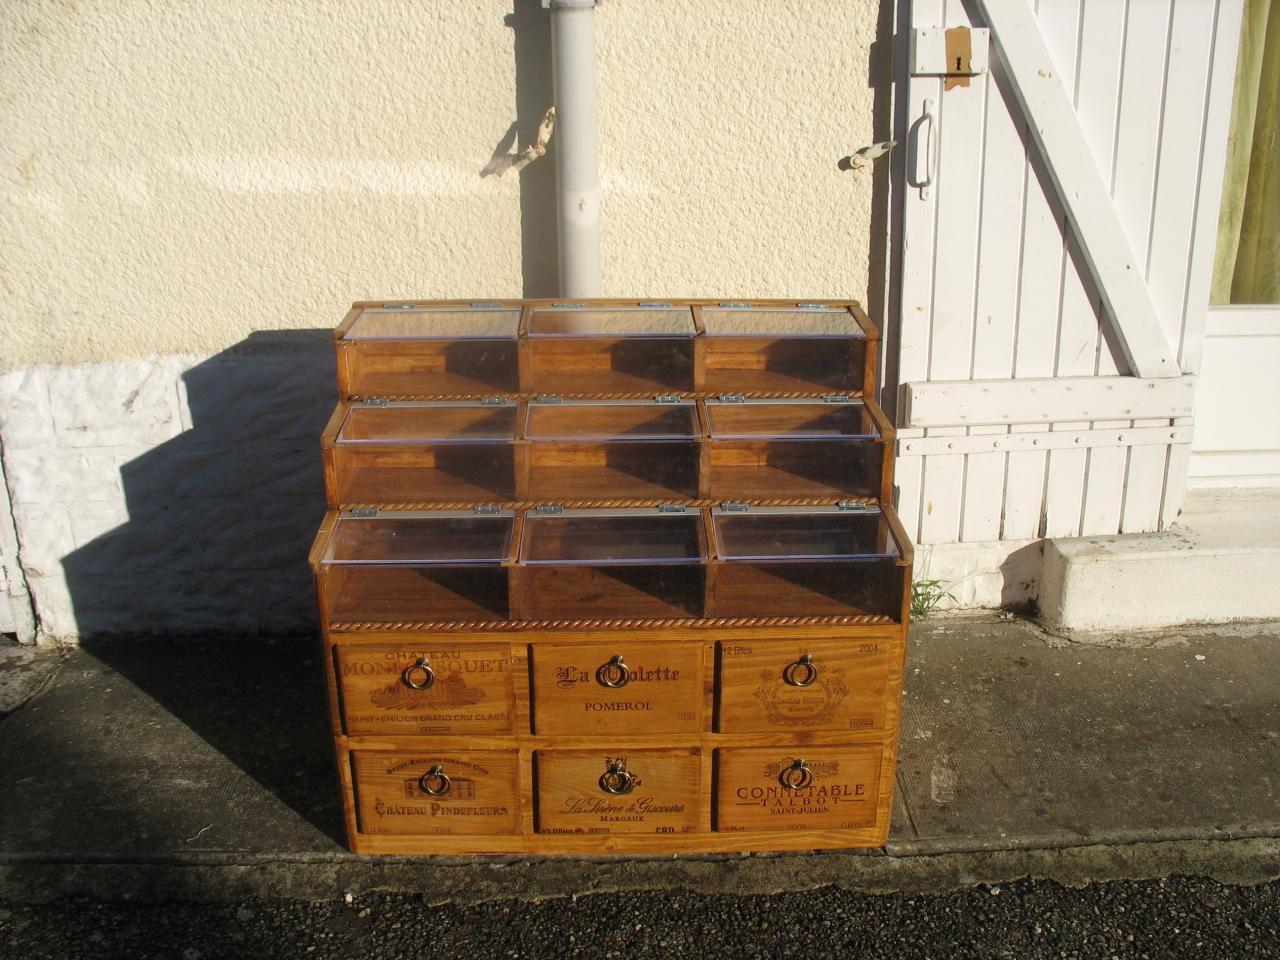 Le devant de meuble vitrine pour magasin confiserie - Meubles pour magasin ...